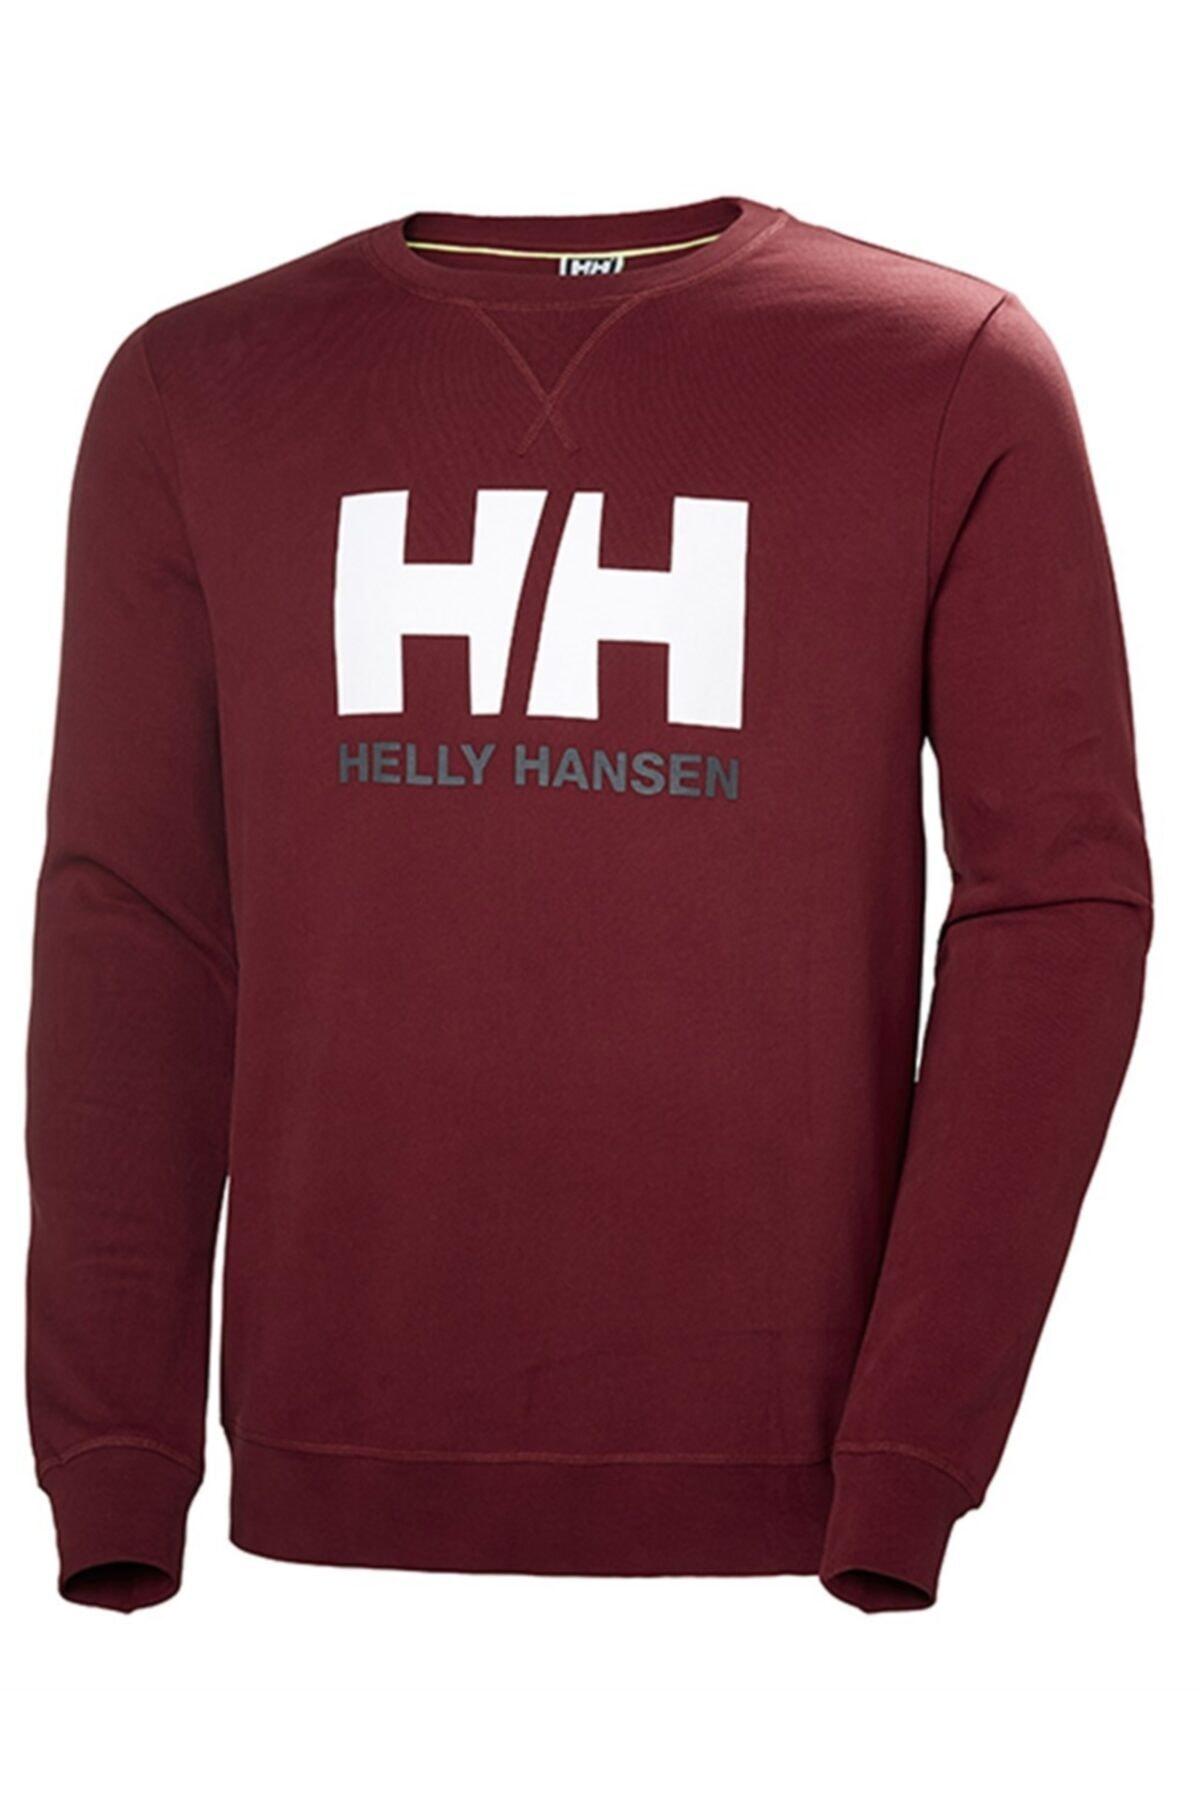 Helly Hansen Logo Crew Sweat Hh Hh 1